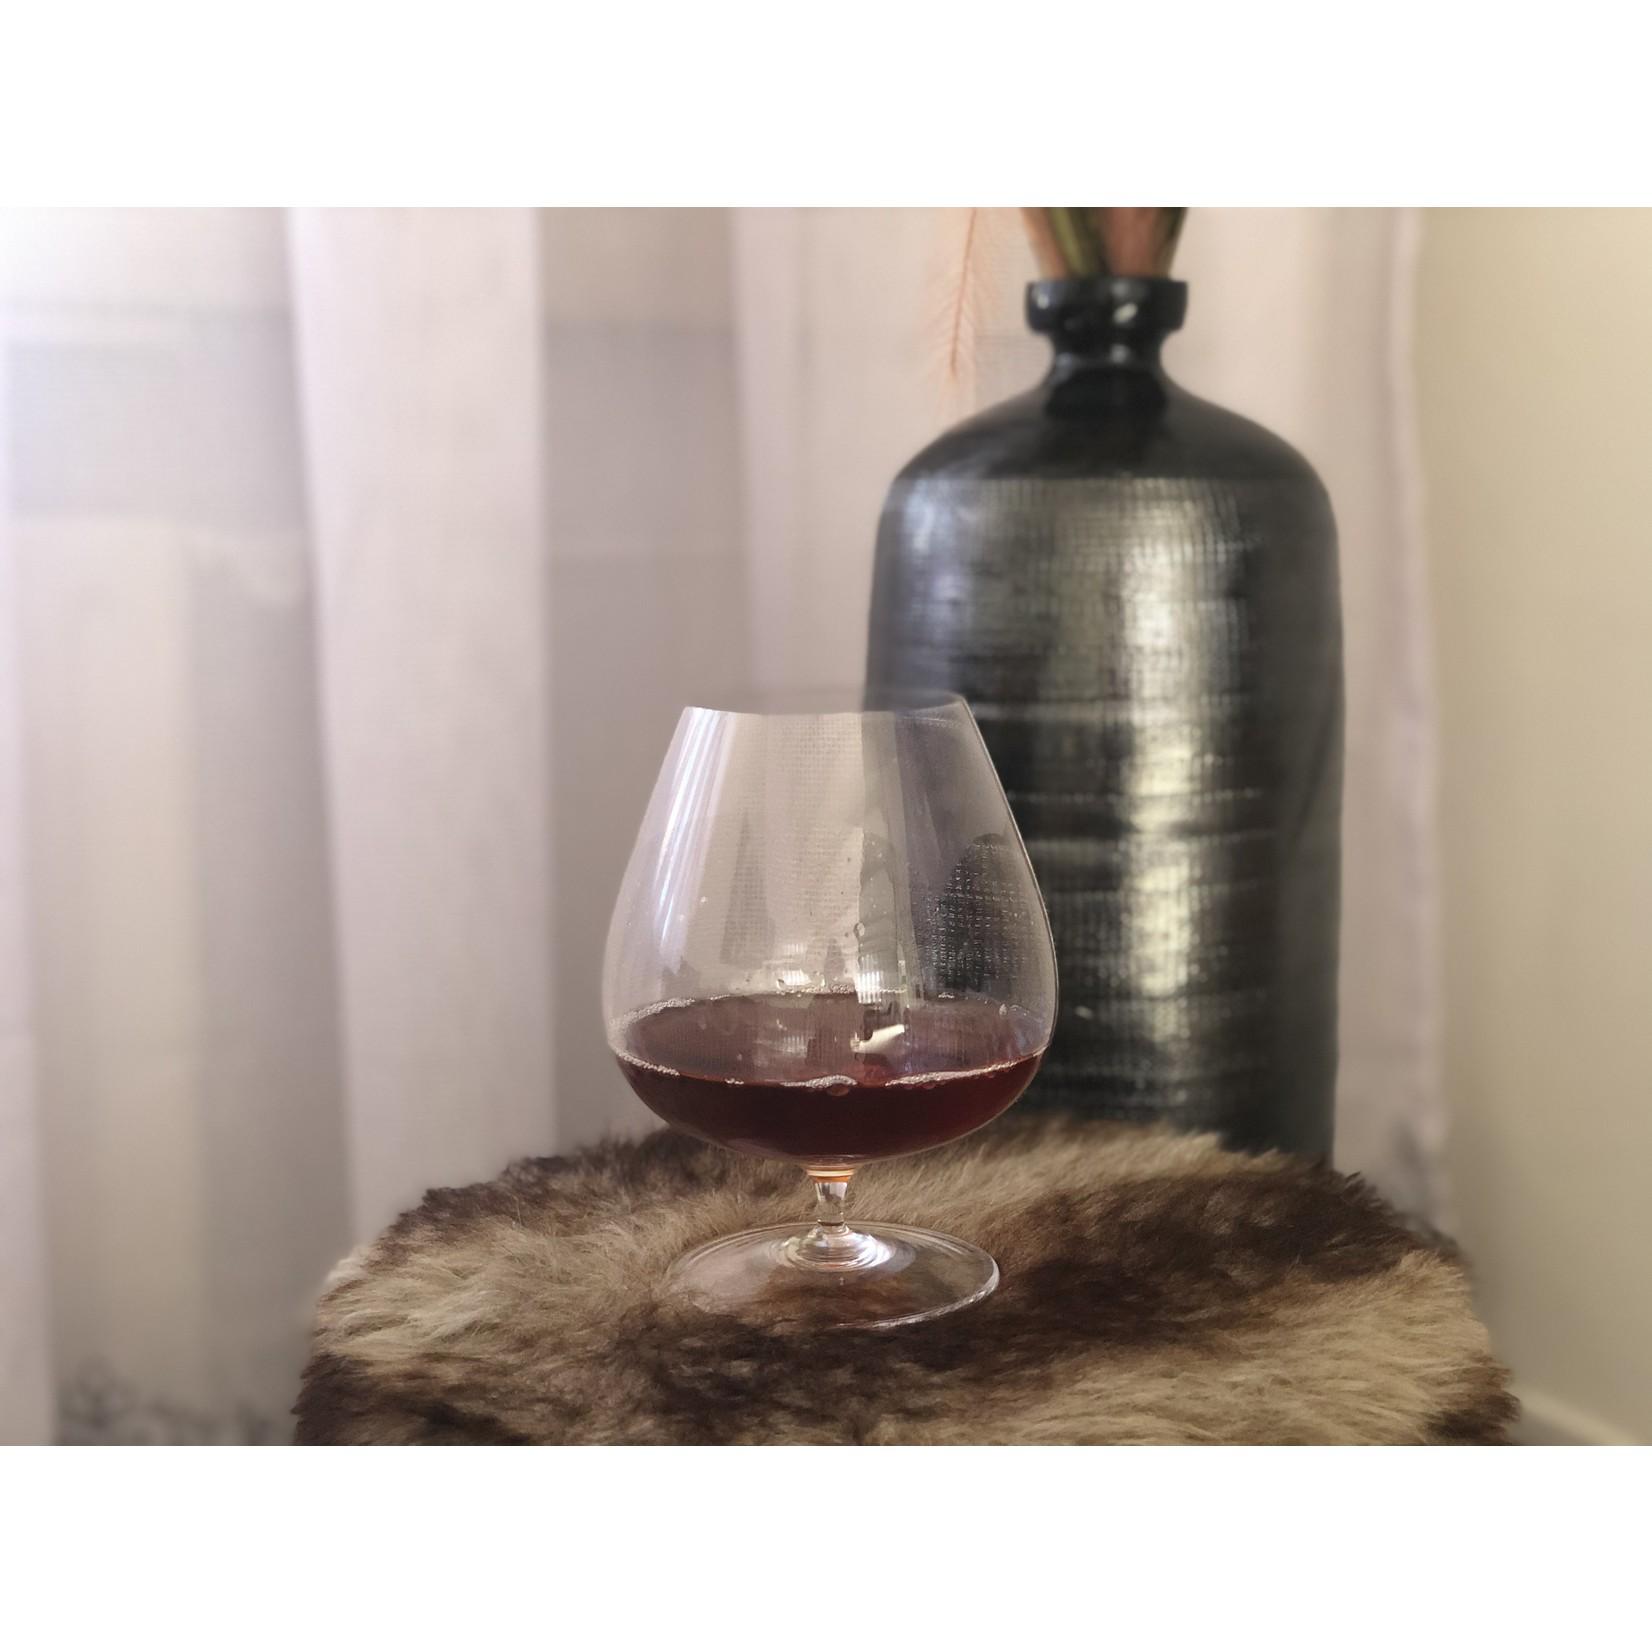 Skloglass Handgemaakte kristallen cognac glas